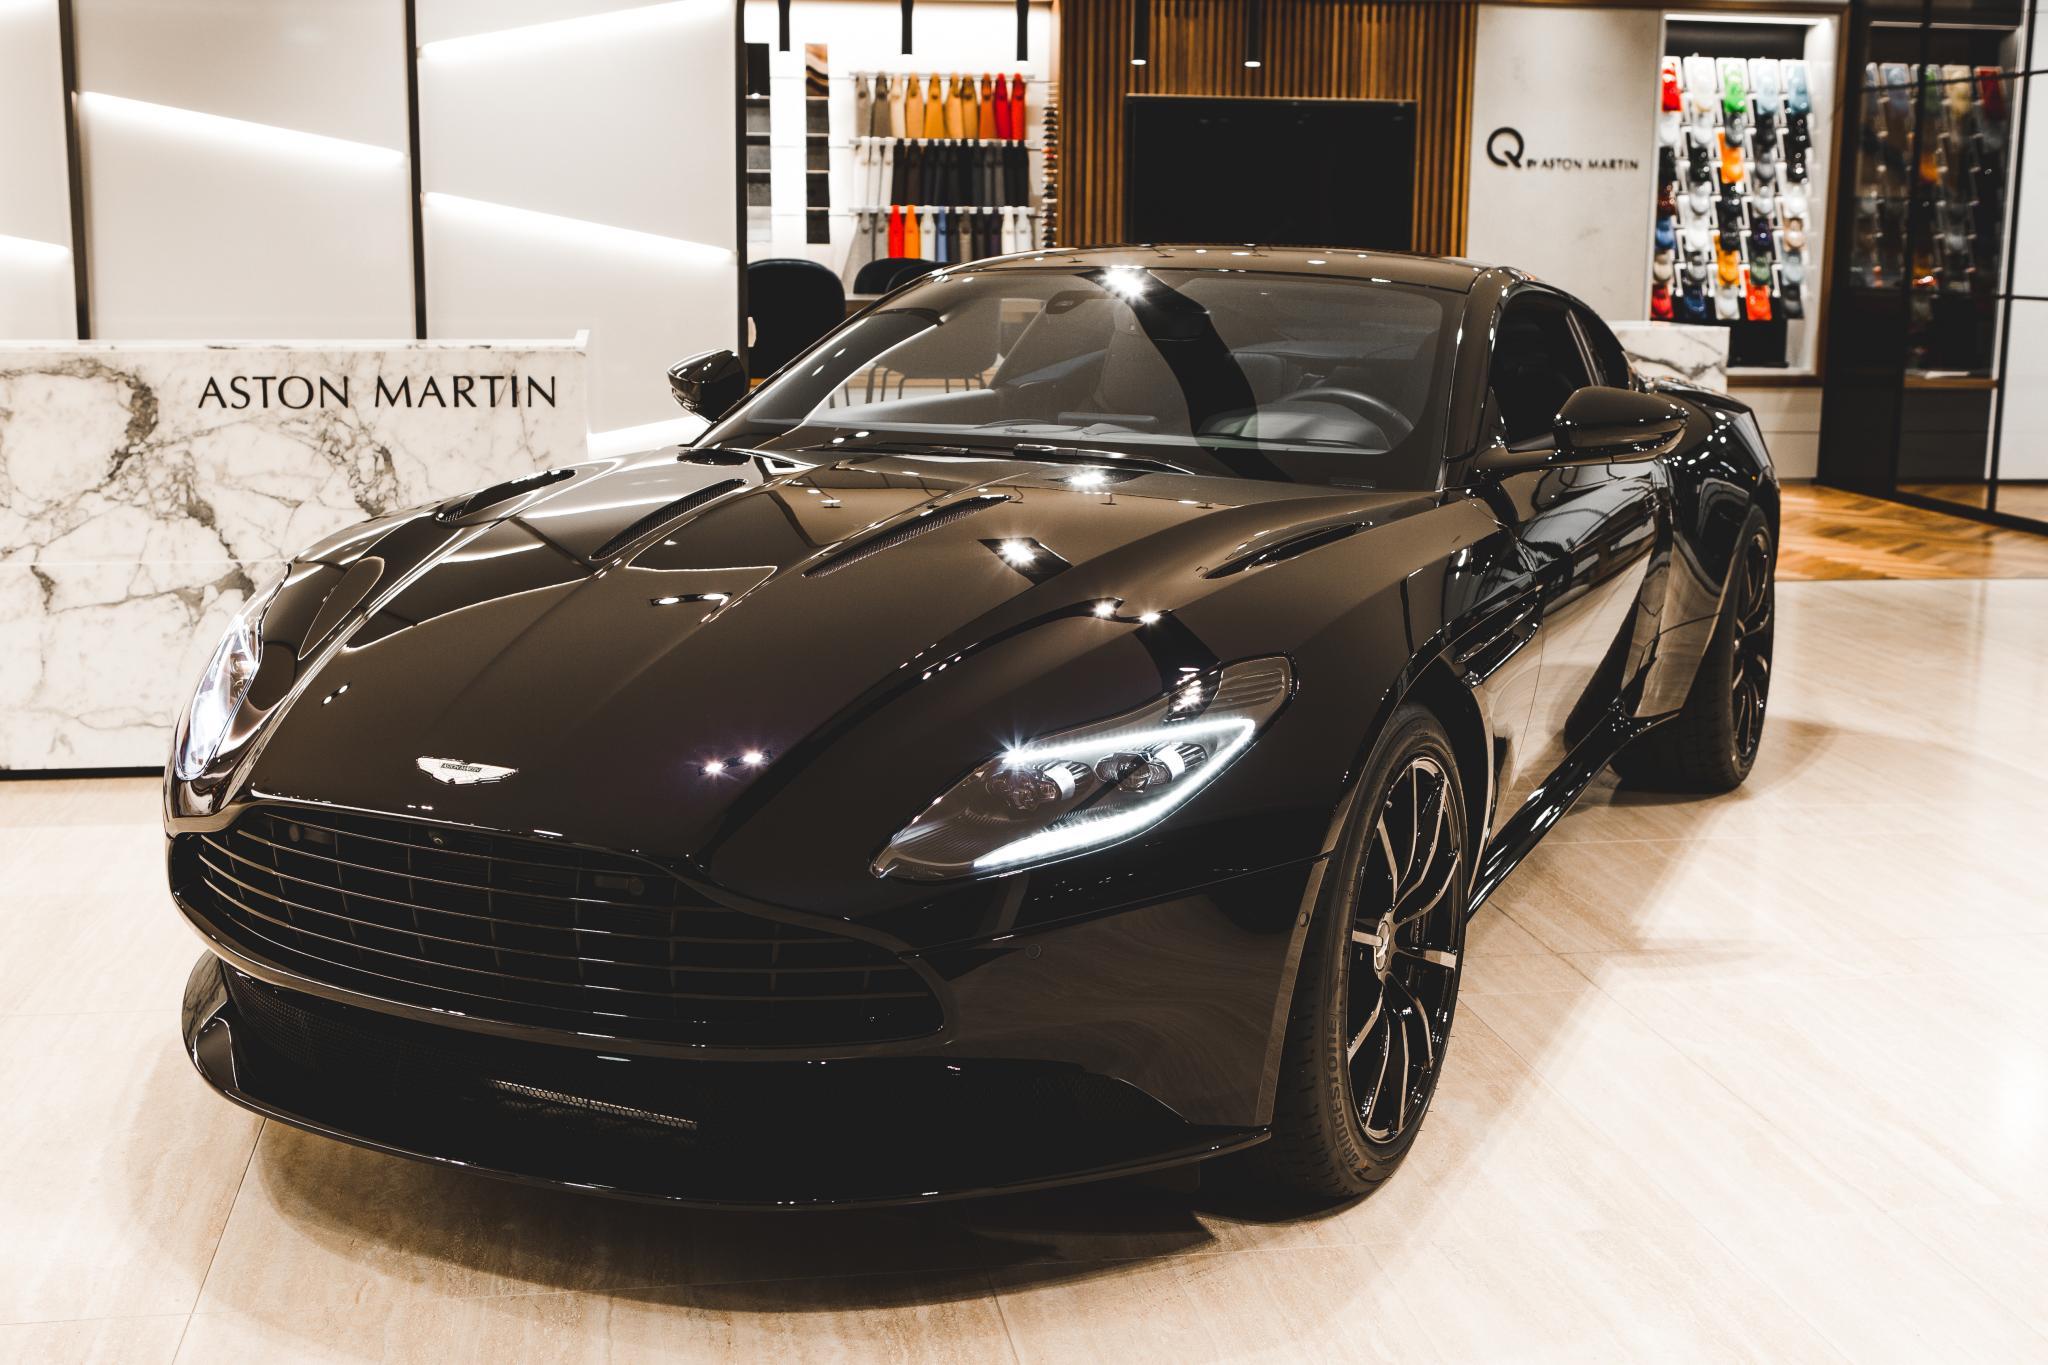 Aston Martin DB11 AMR LIMITED EDITION 5.2 V12